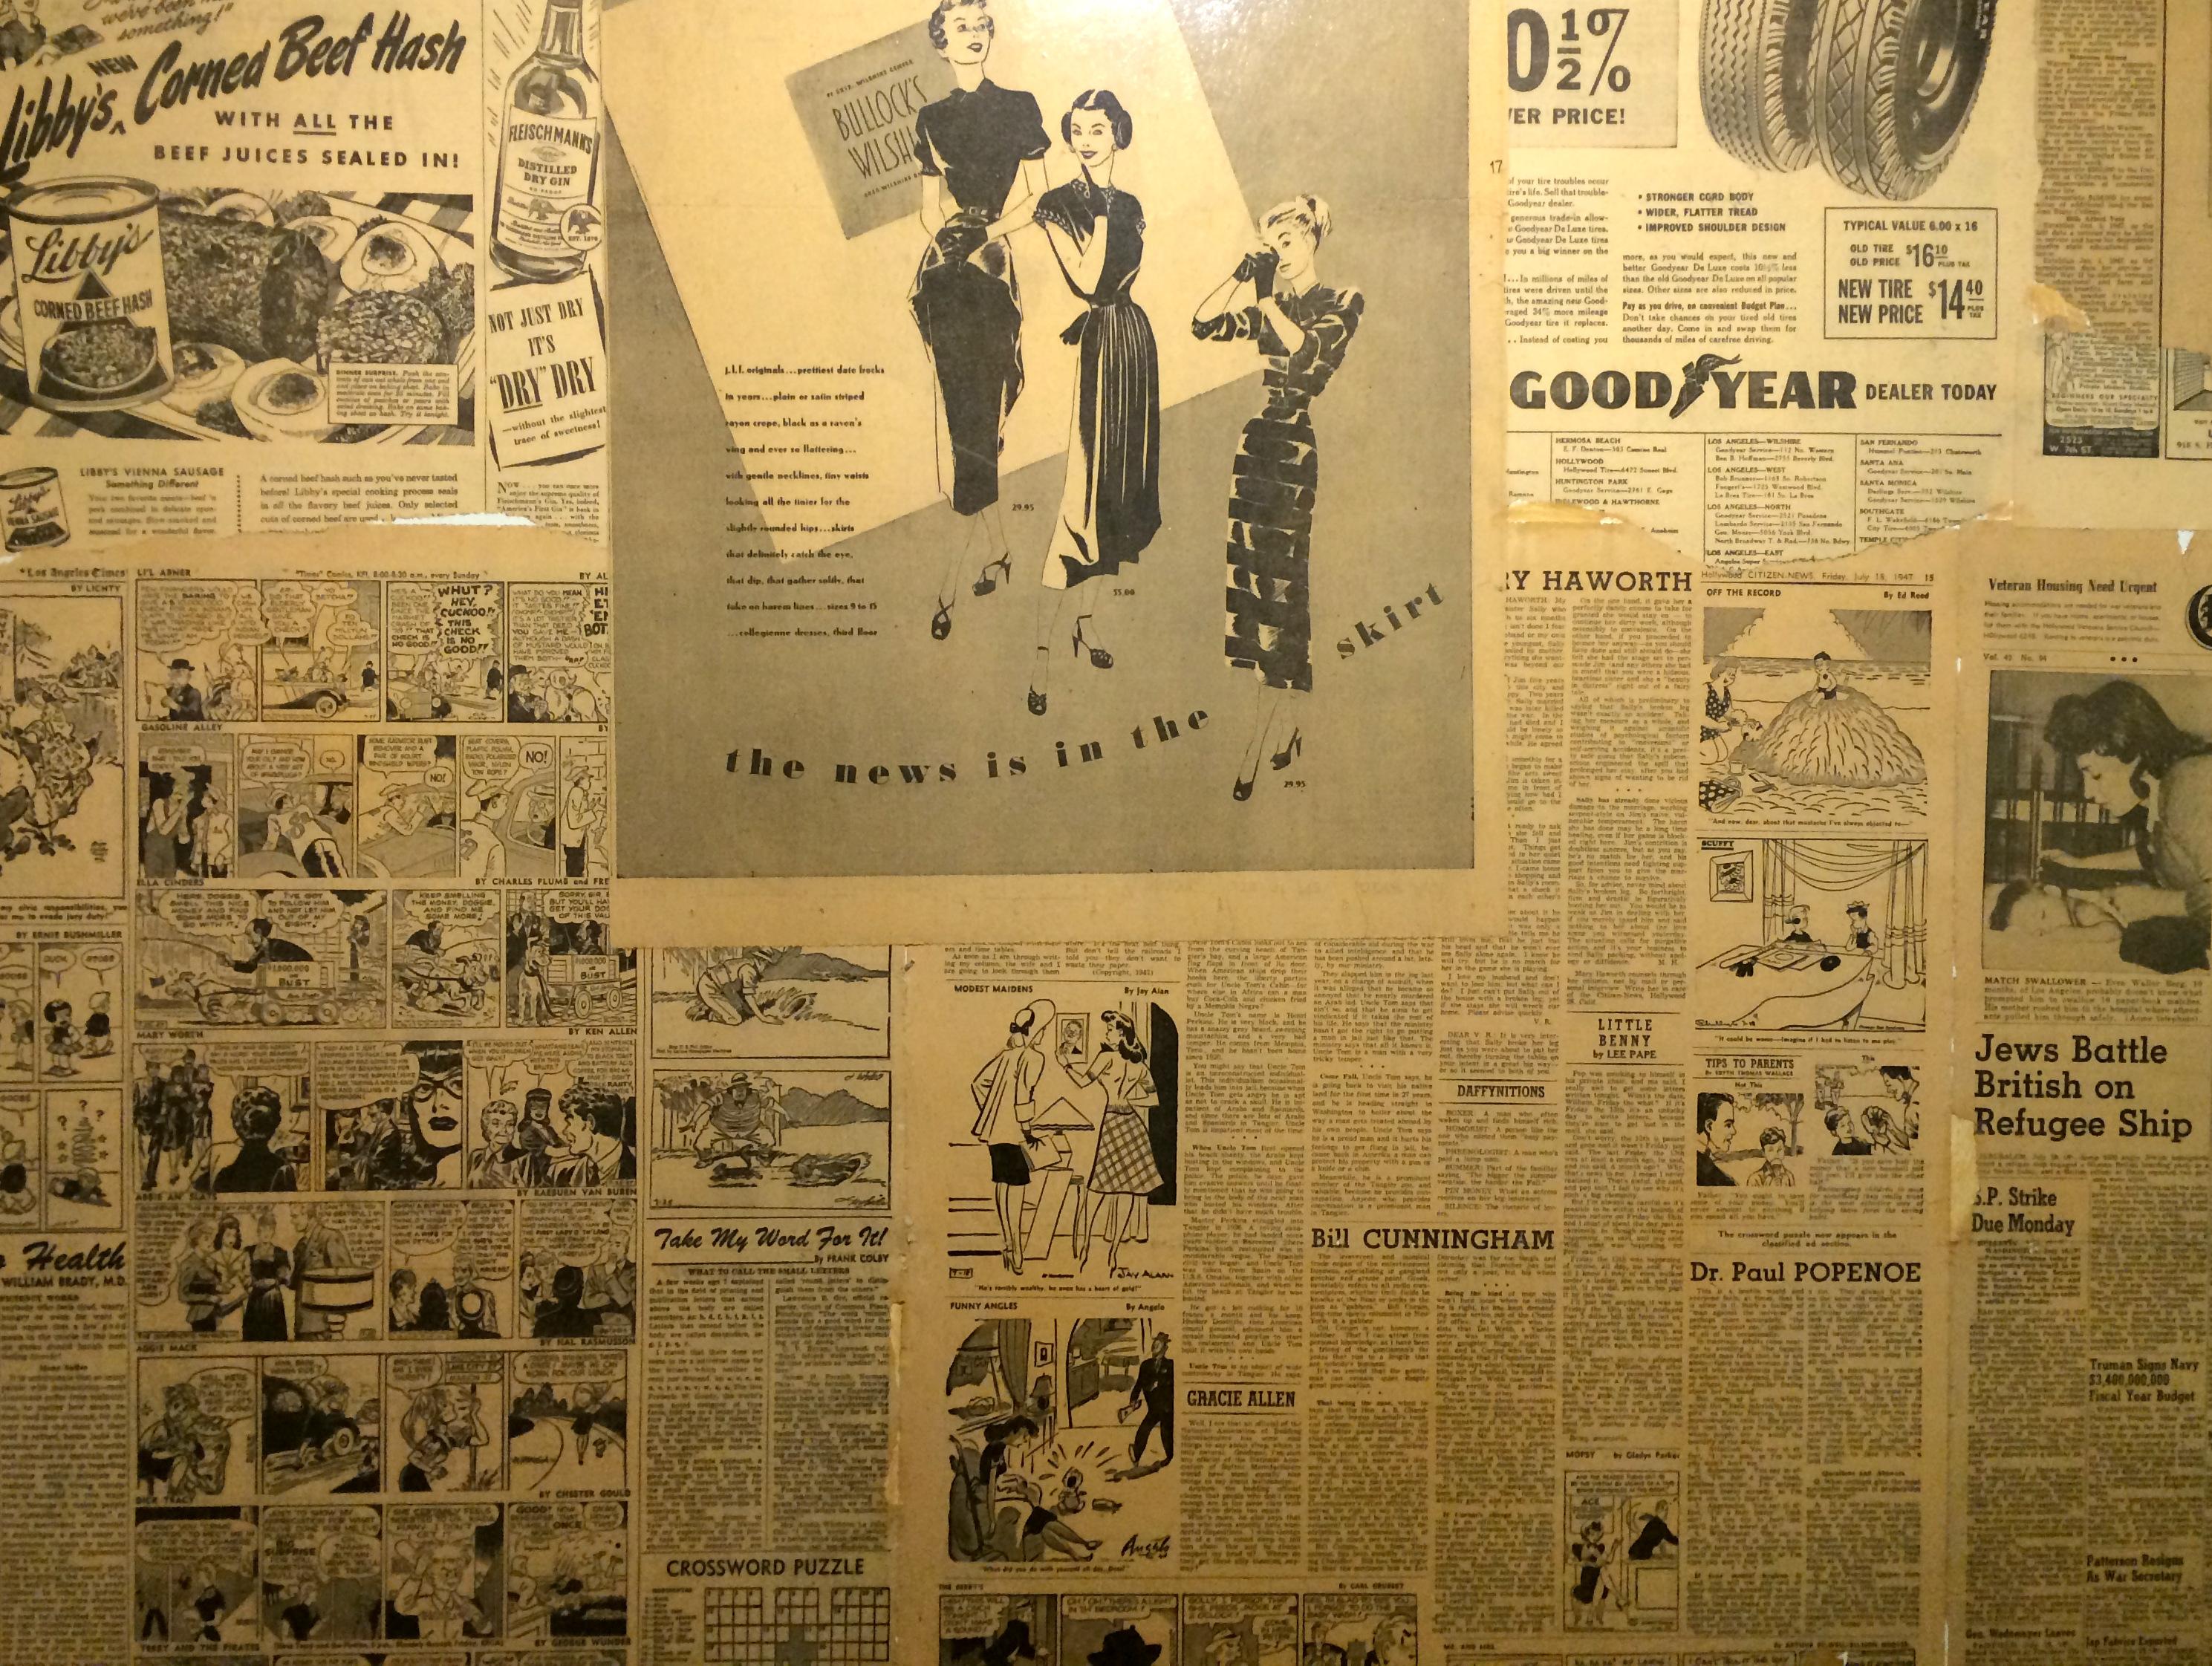 Vintage Newspapers And Magazines Vintage Magazine Ads on